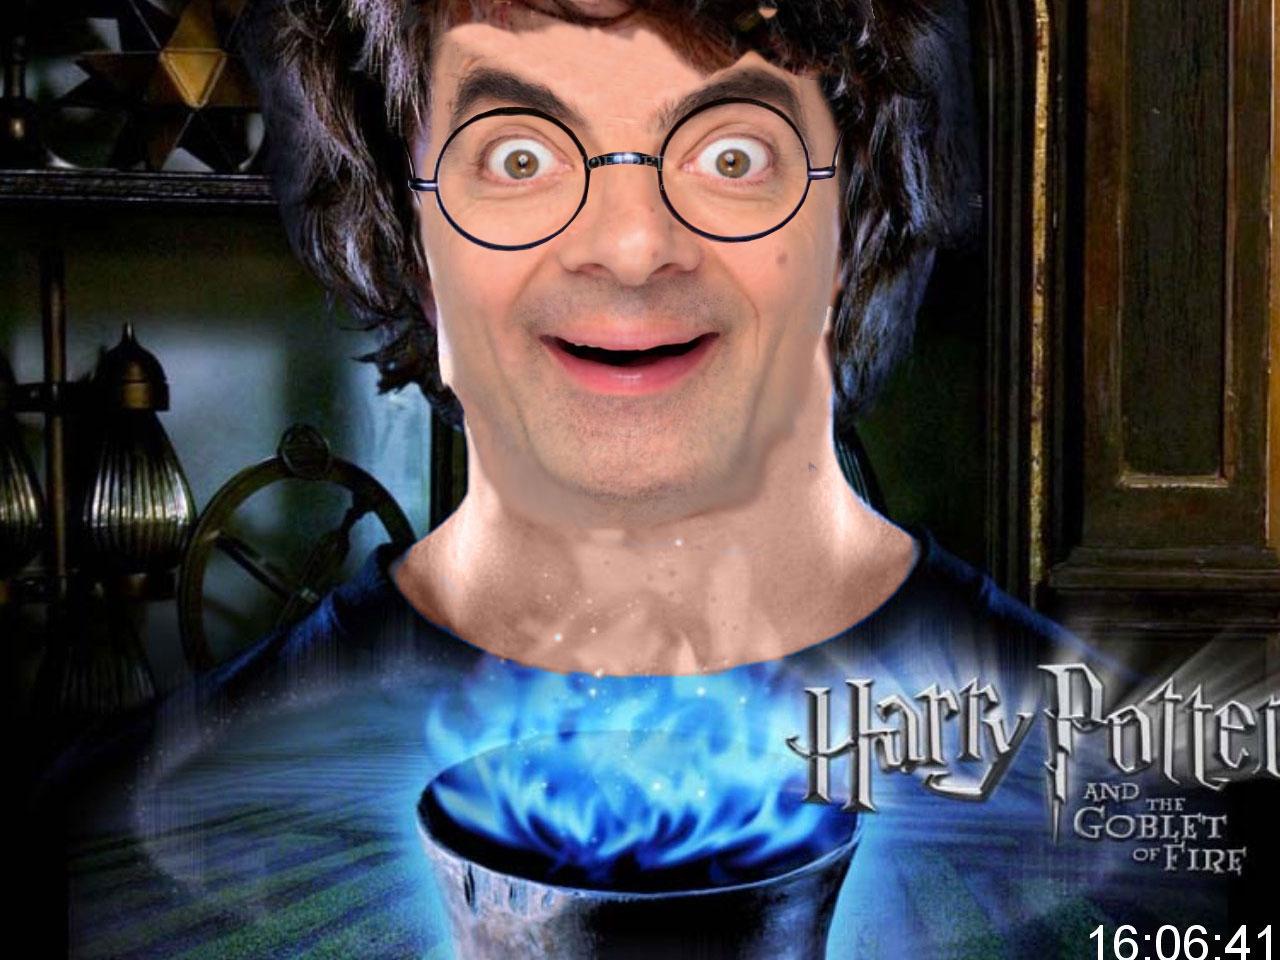 http://1.bp.blogspot.com/-d_ZqIedzvV4/TZVtOXpR45I/AAAAAAAAAsI/FprpzkeQrxc/s1600/Mr+Bean+Funny.jpg